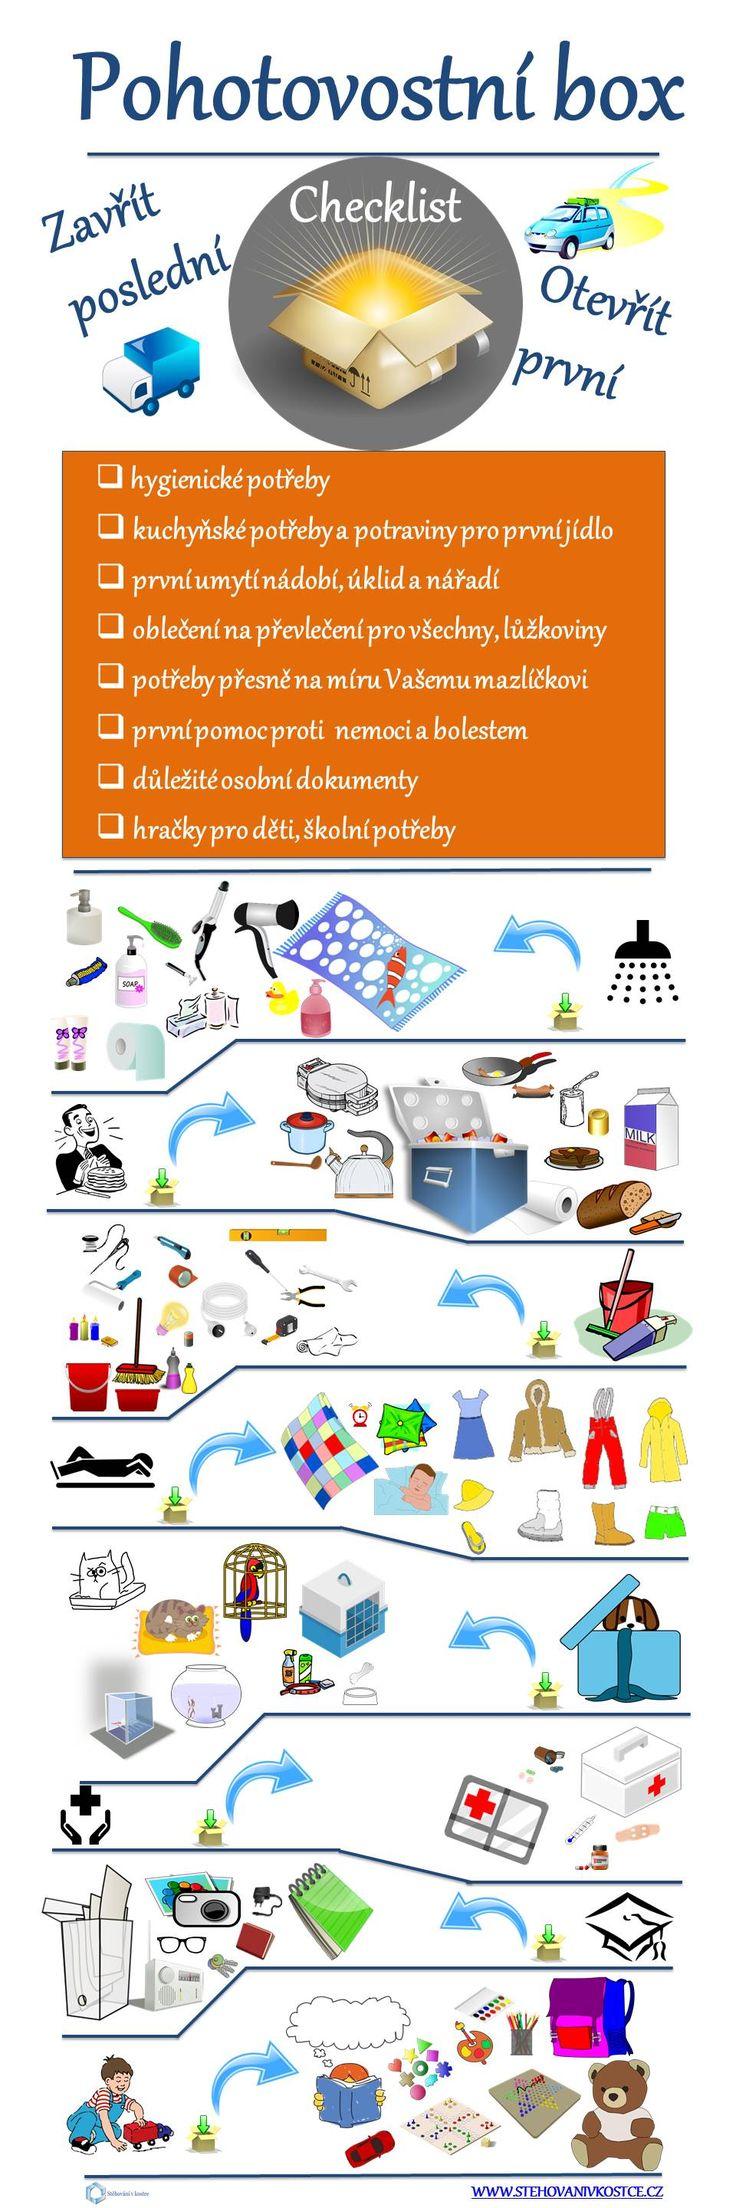 [Infographic] Checklist  Pohotovostní box:  hygienické potřeby  kuchyňské potřeby a potraviny pro první jídlo  první umytí nádobí, úklid a nářadí  oblečení na převlečení pro všechny, lůžkoviny  potřeby přesně na míru Vašemu mazlíčkovi  první pomoc proti  nemoci a bolestem   důležité osobní dokumenty  hračky pro děti, školní potřeby http://stehovanivkostce.cz/zavrit-posledni-otevrit-prvni/